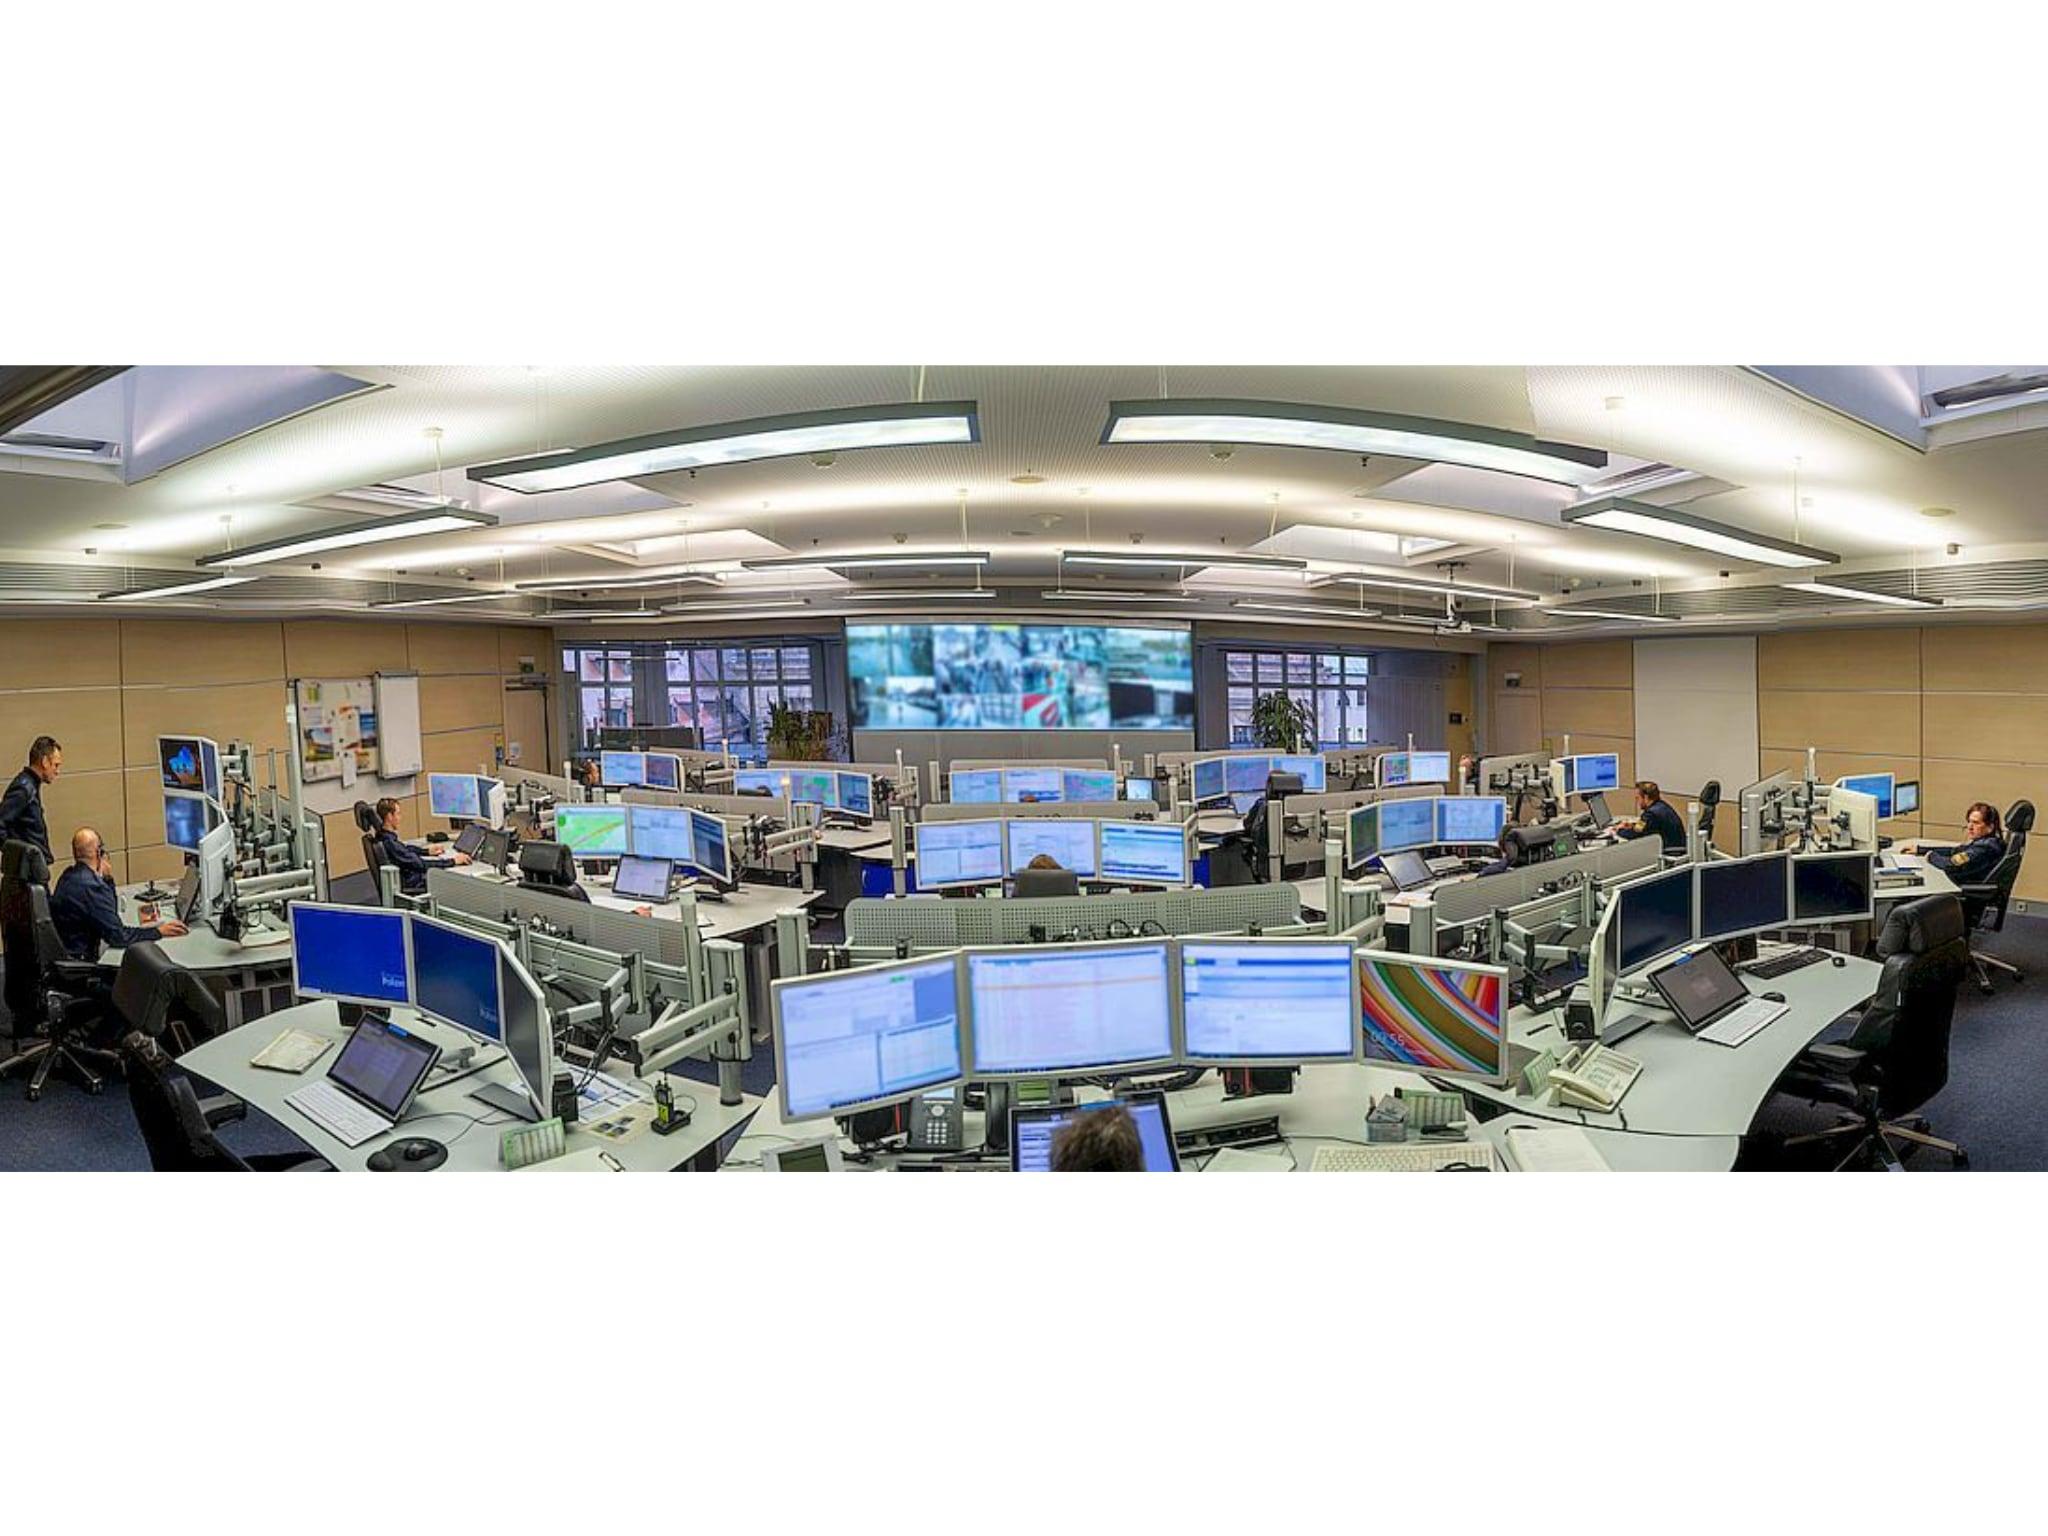 Blick über die Einsatzzentrale des Polizeipräsidiums Mittelfranken. Foto: Polizei Mittelfranken